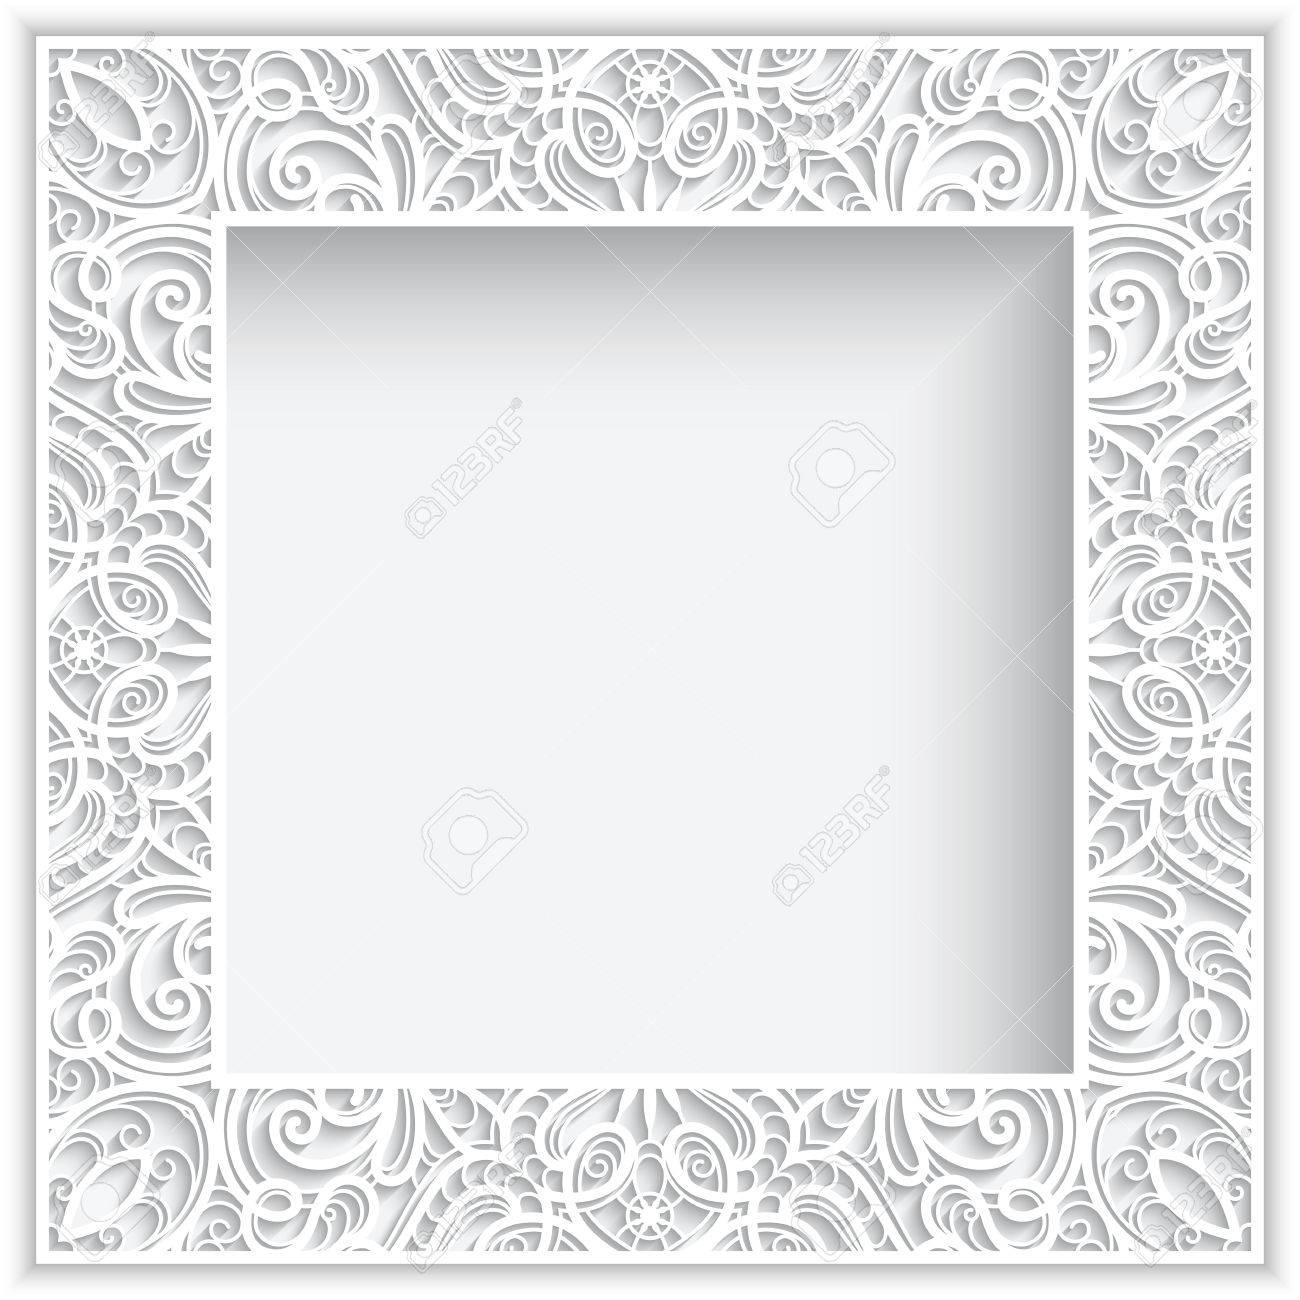 Zusammenfassung Quadrat Spitze Rahmen Mit Papier Wirbelt, Weißer ...